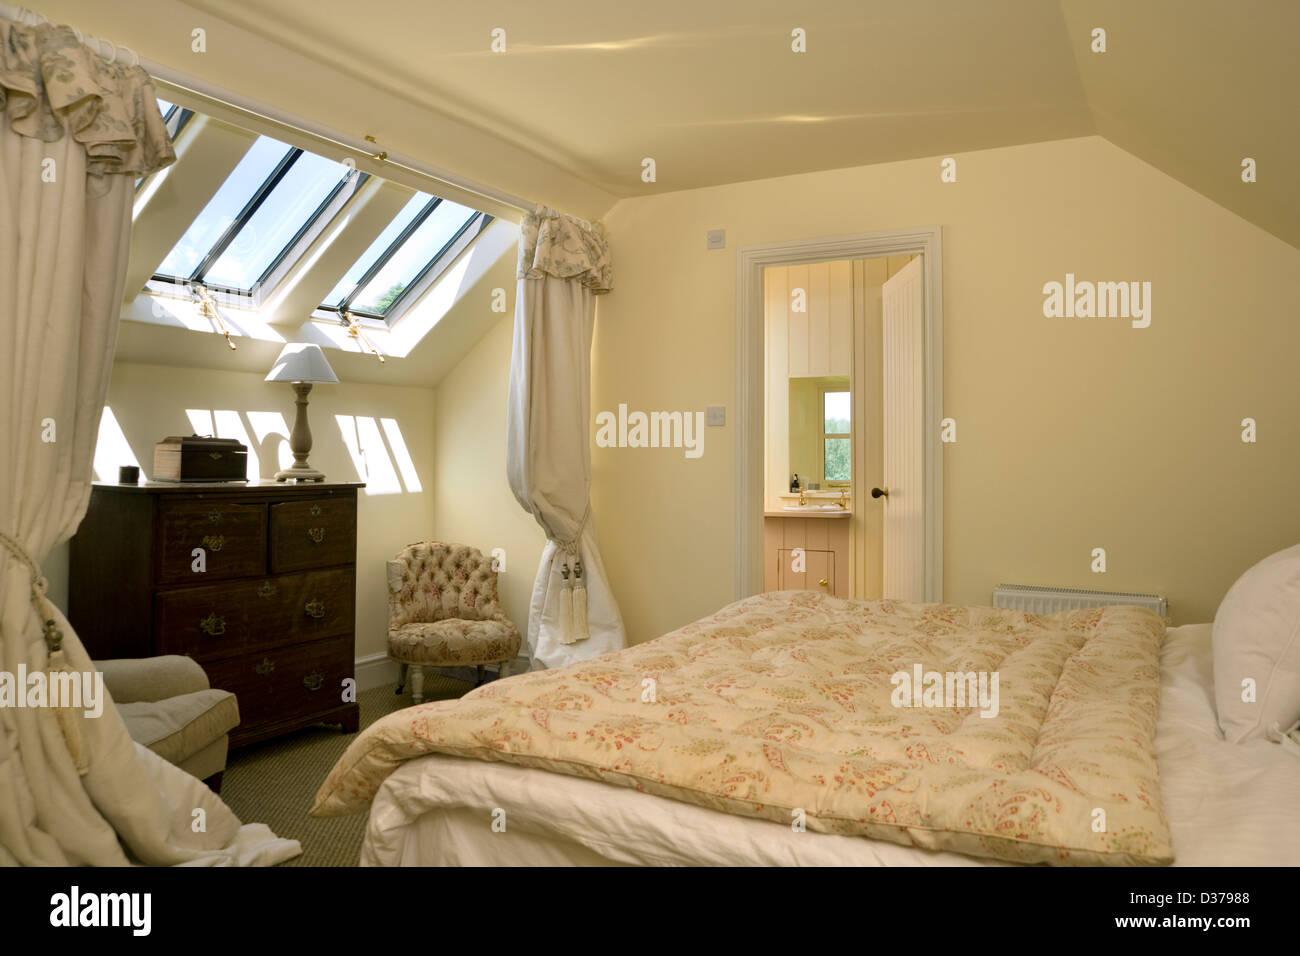 Una camera da letto mansarda con finestre Velux Foto & Immagine ...